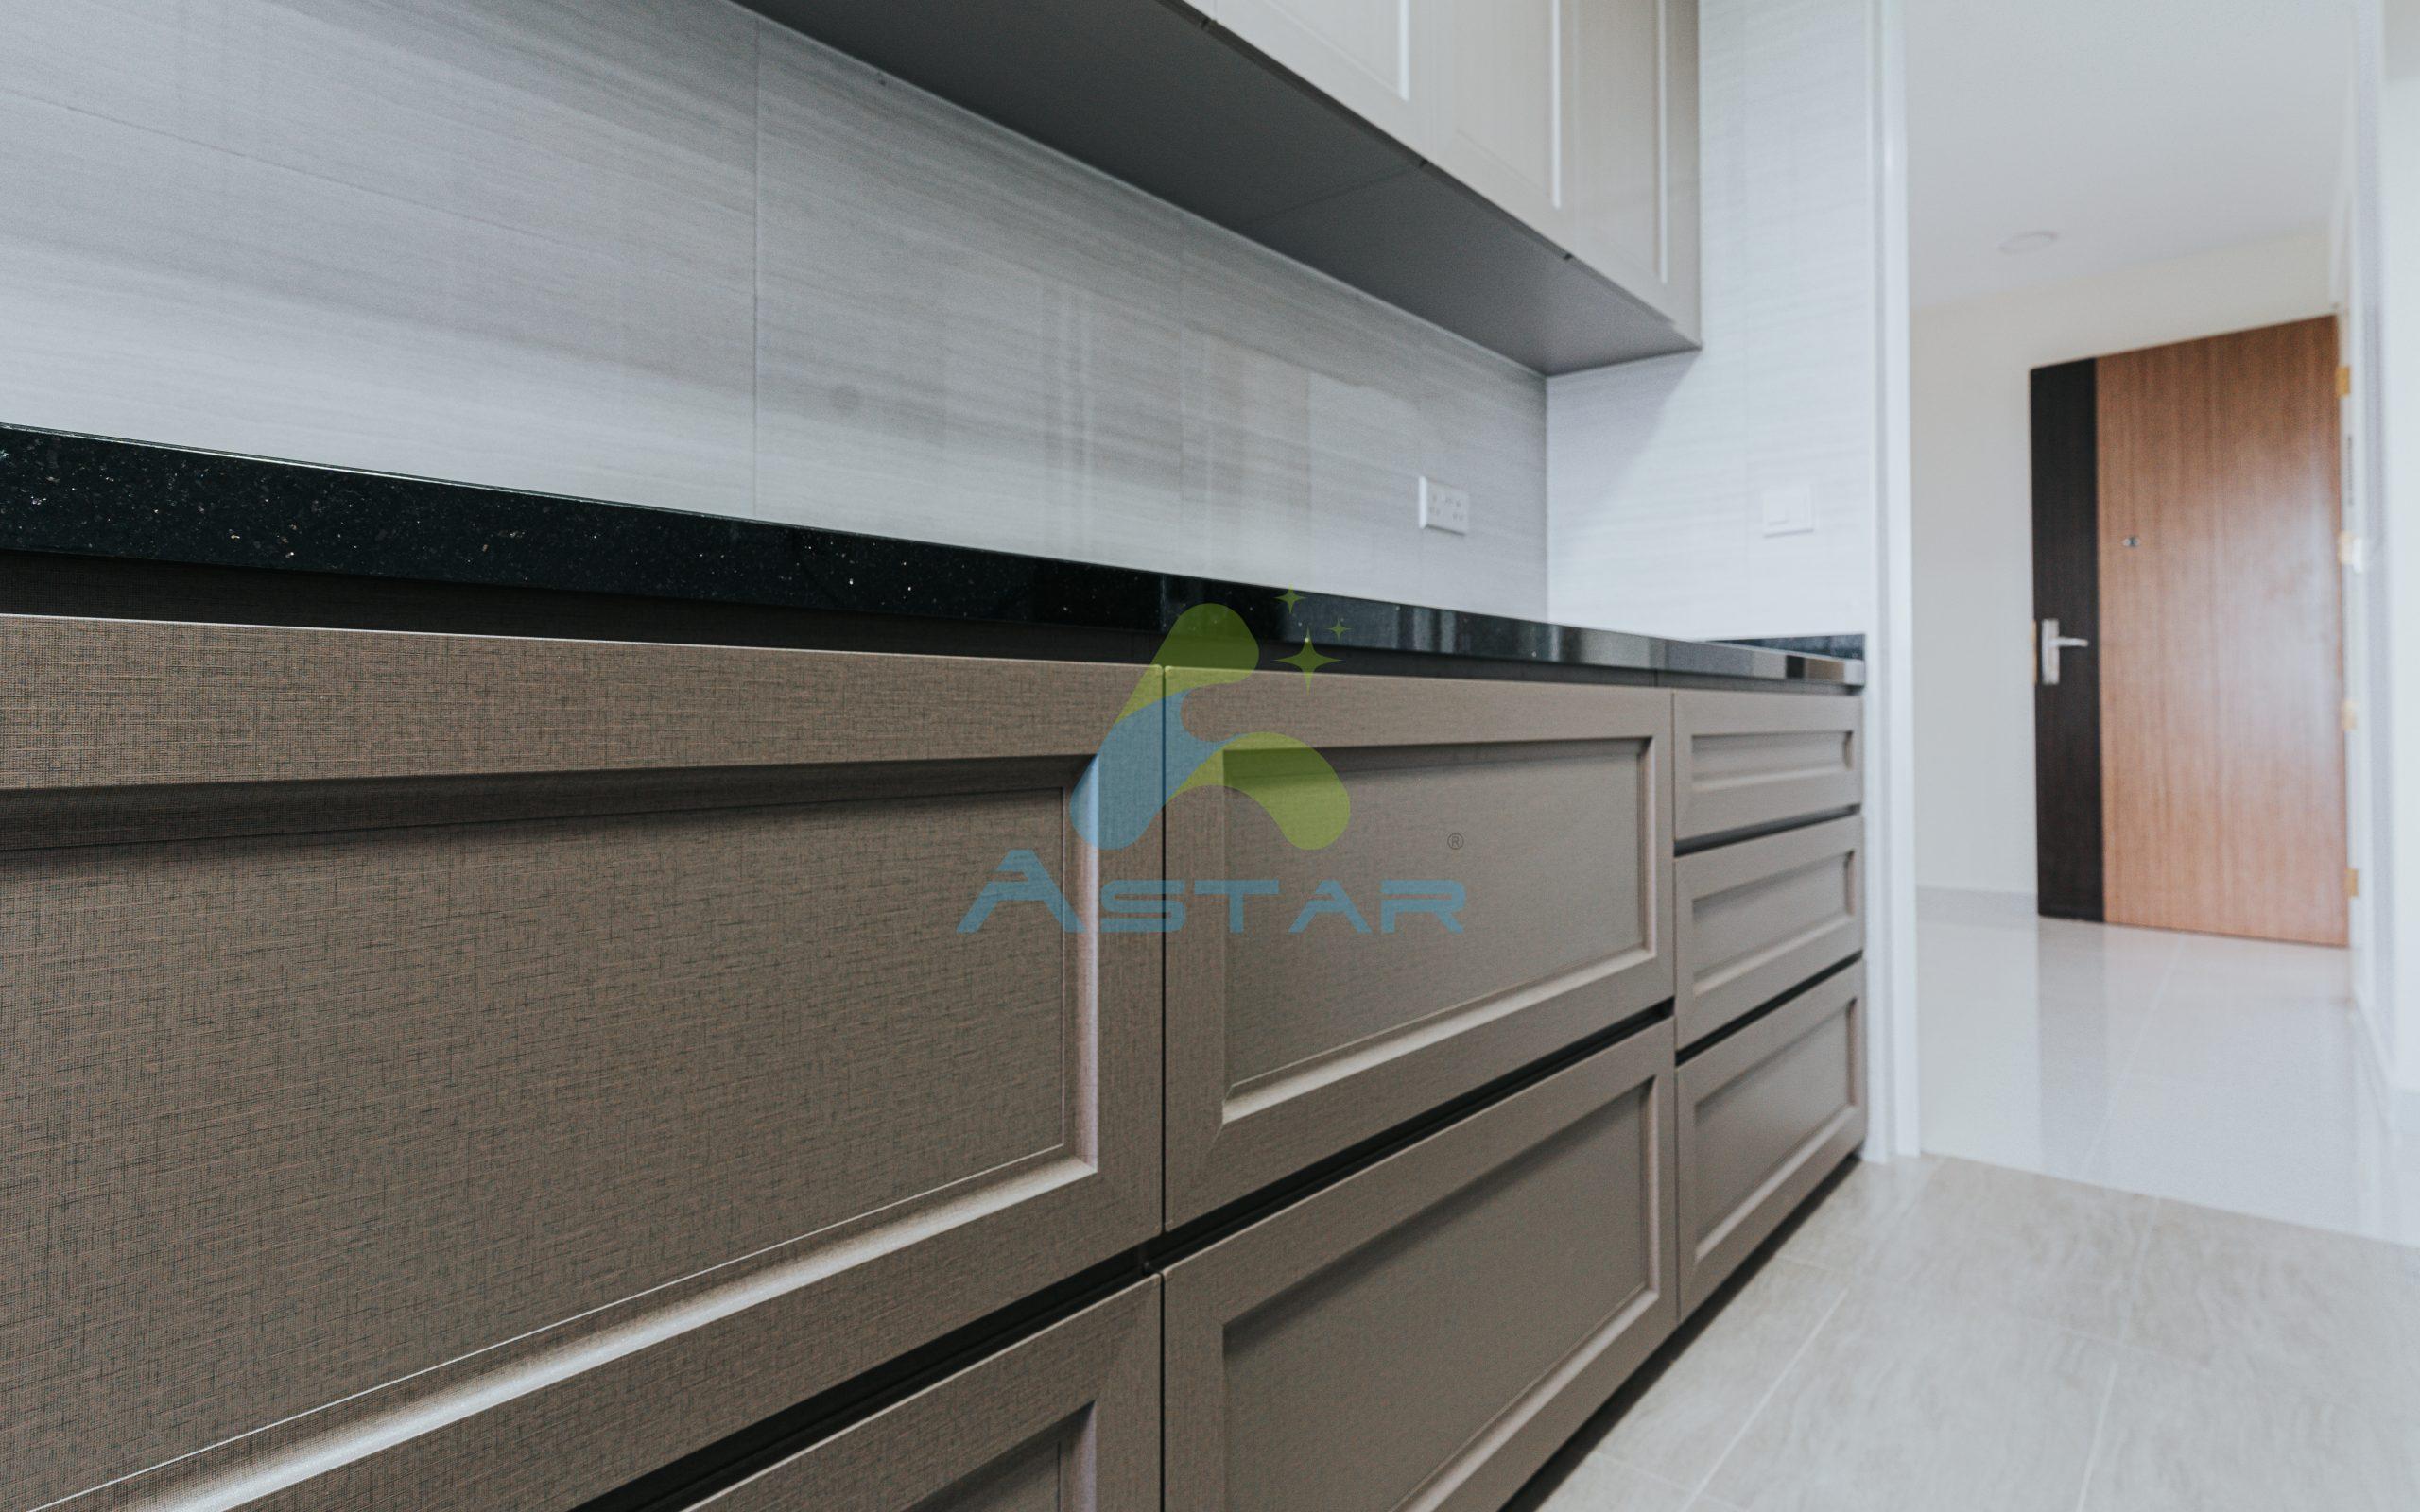 astar furnishing aluminum furniture projects Blk 478B Yishun St 44 20